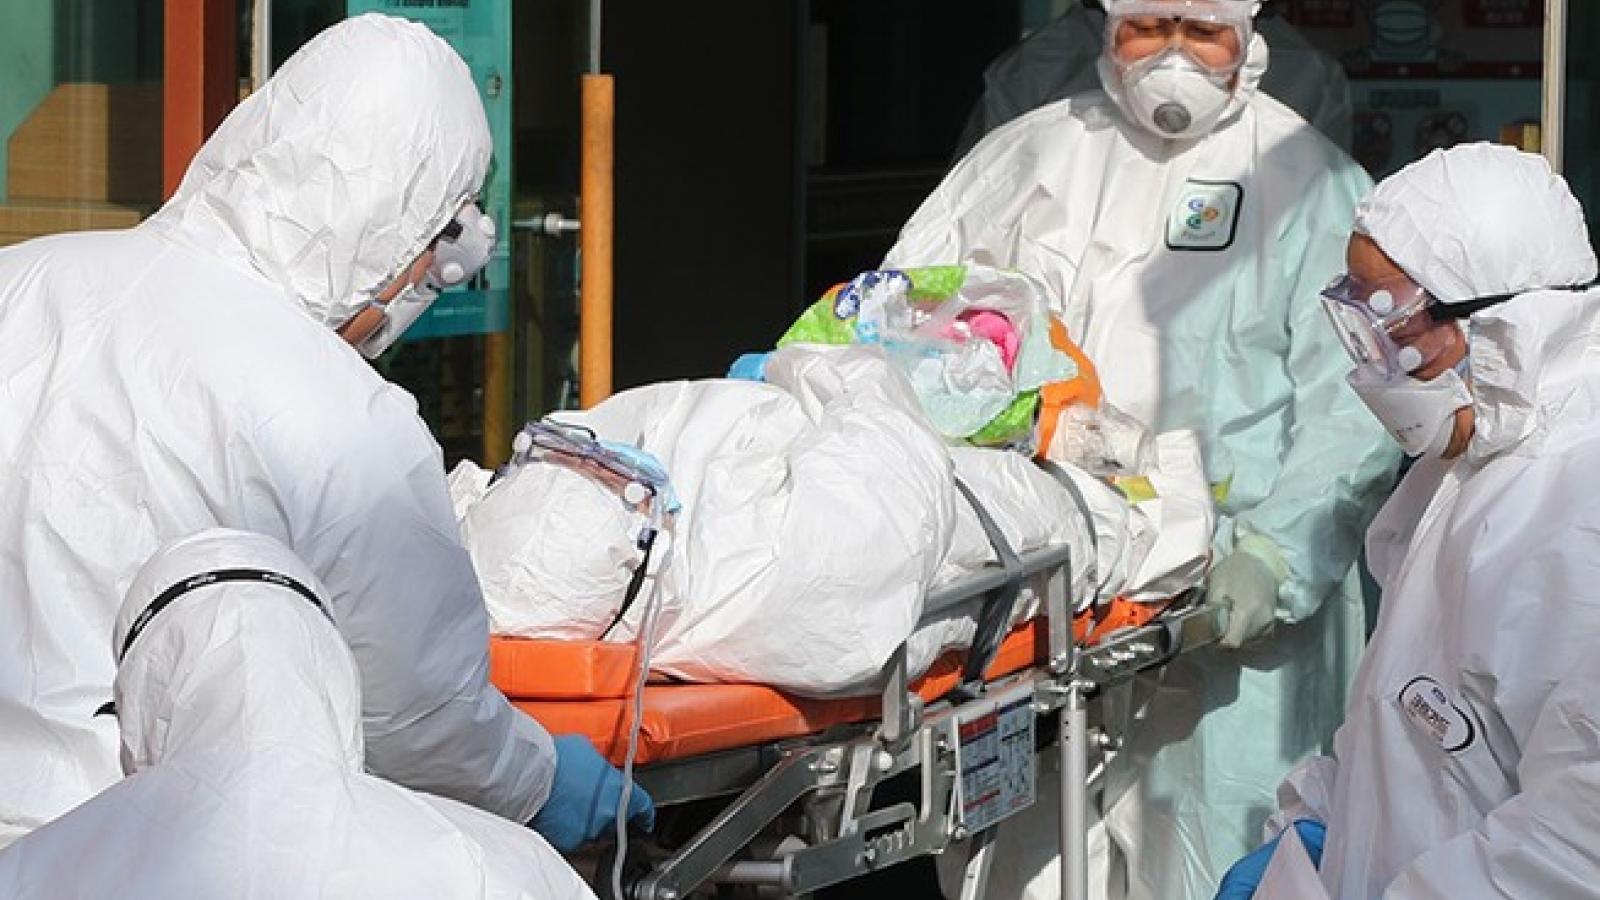 Hàn Quốc tiếp tục ghi nhận số ca mắc Covid-19 ở mức 3 con số